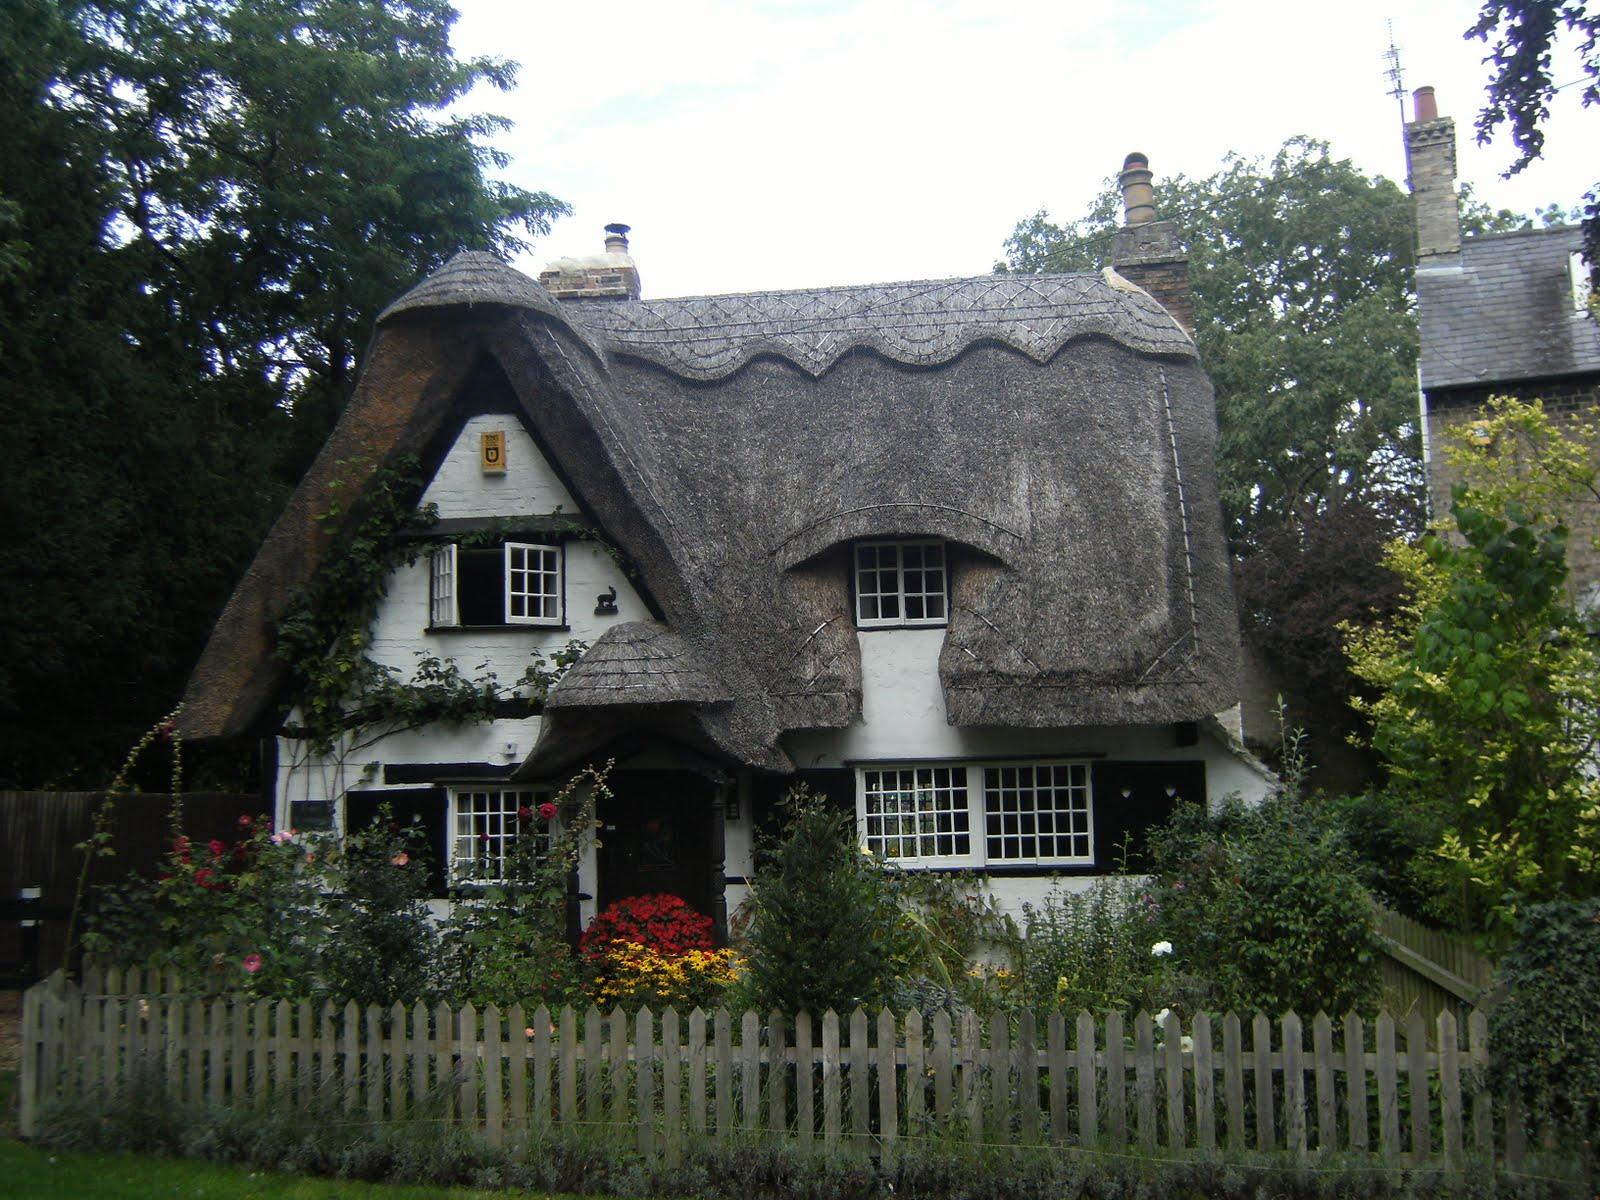 DSCF9443 Attractive cottage, Houghton